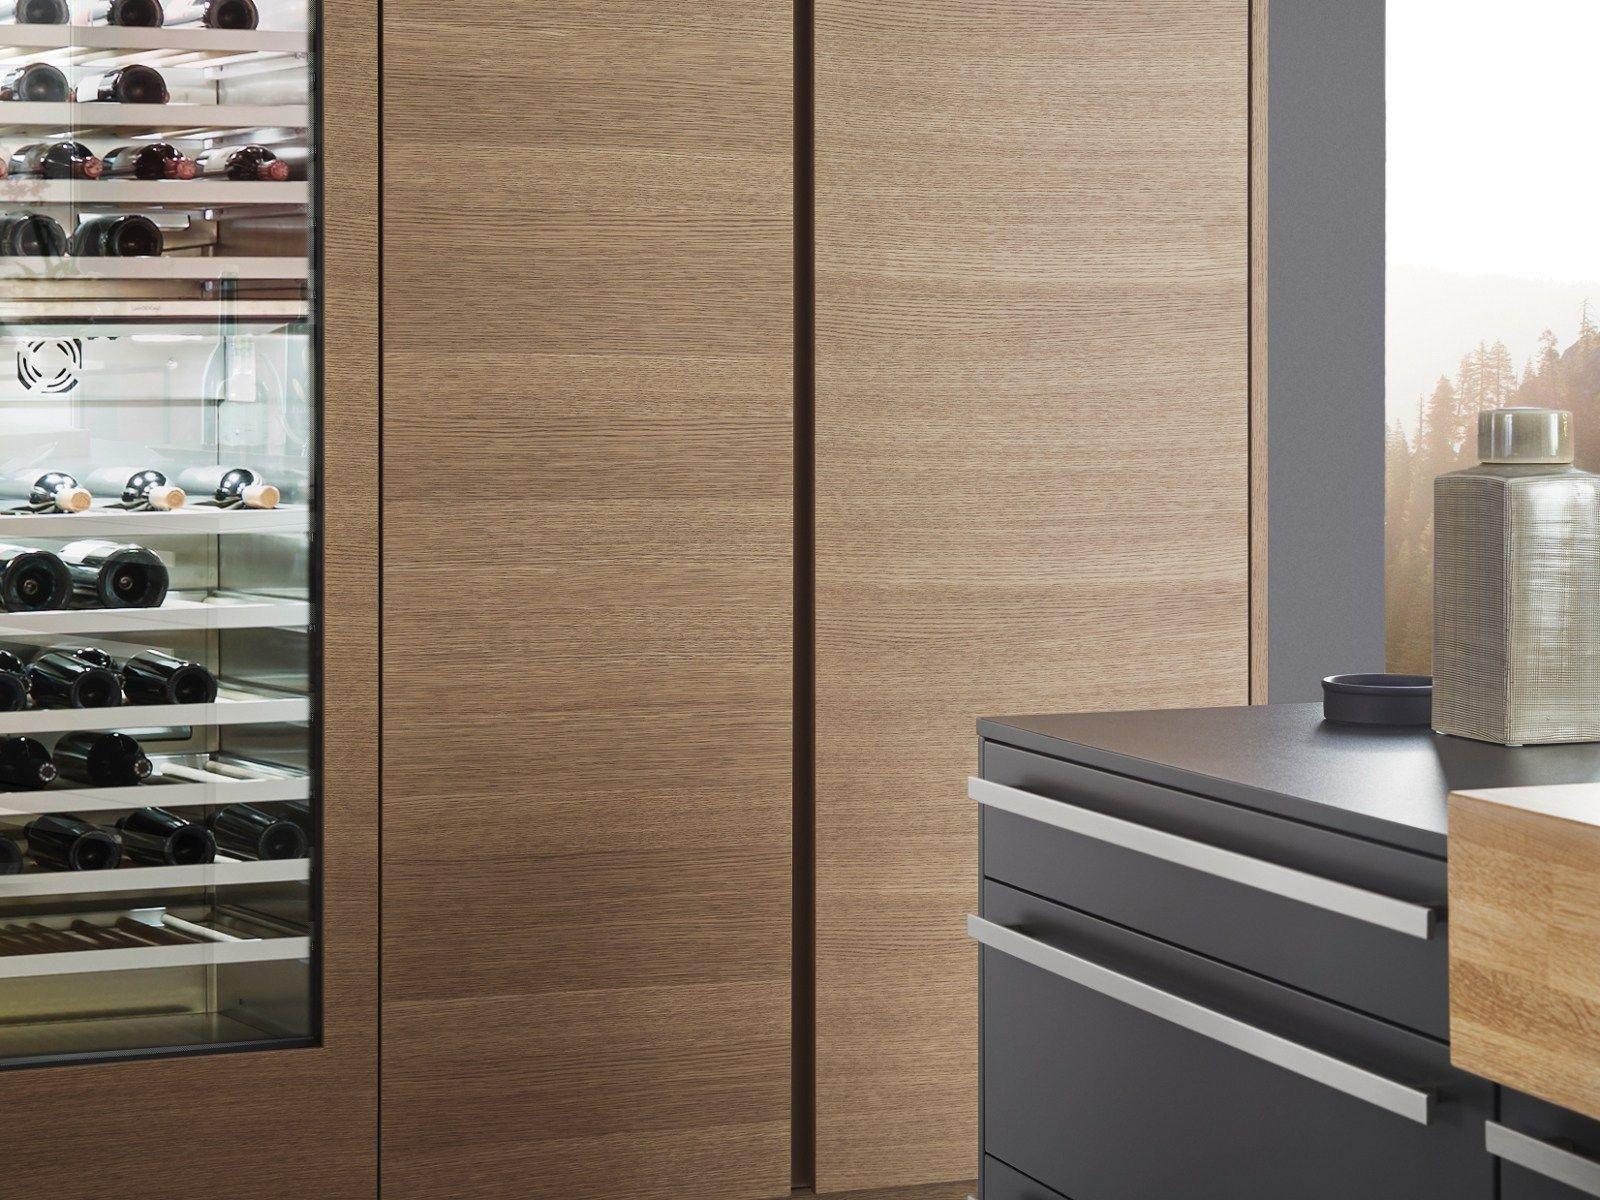 Berühmt Holzland Küchenstühle Galerie - Küchenschrank Ideen ...